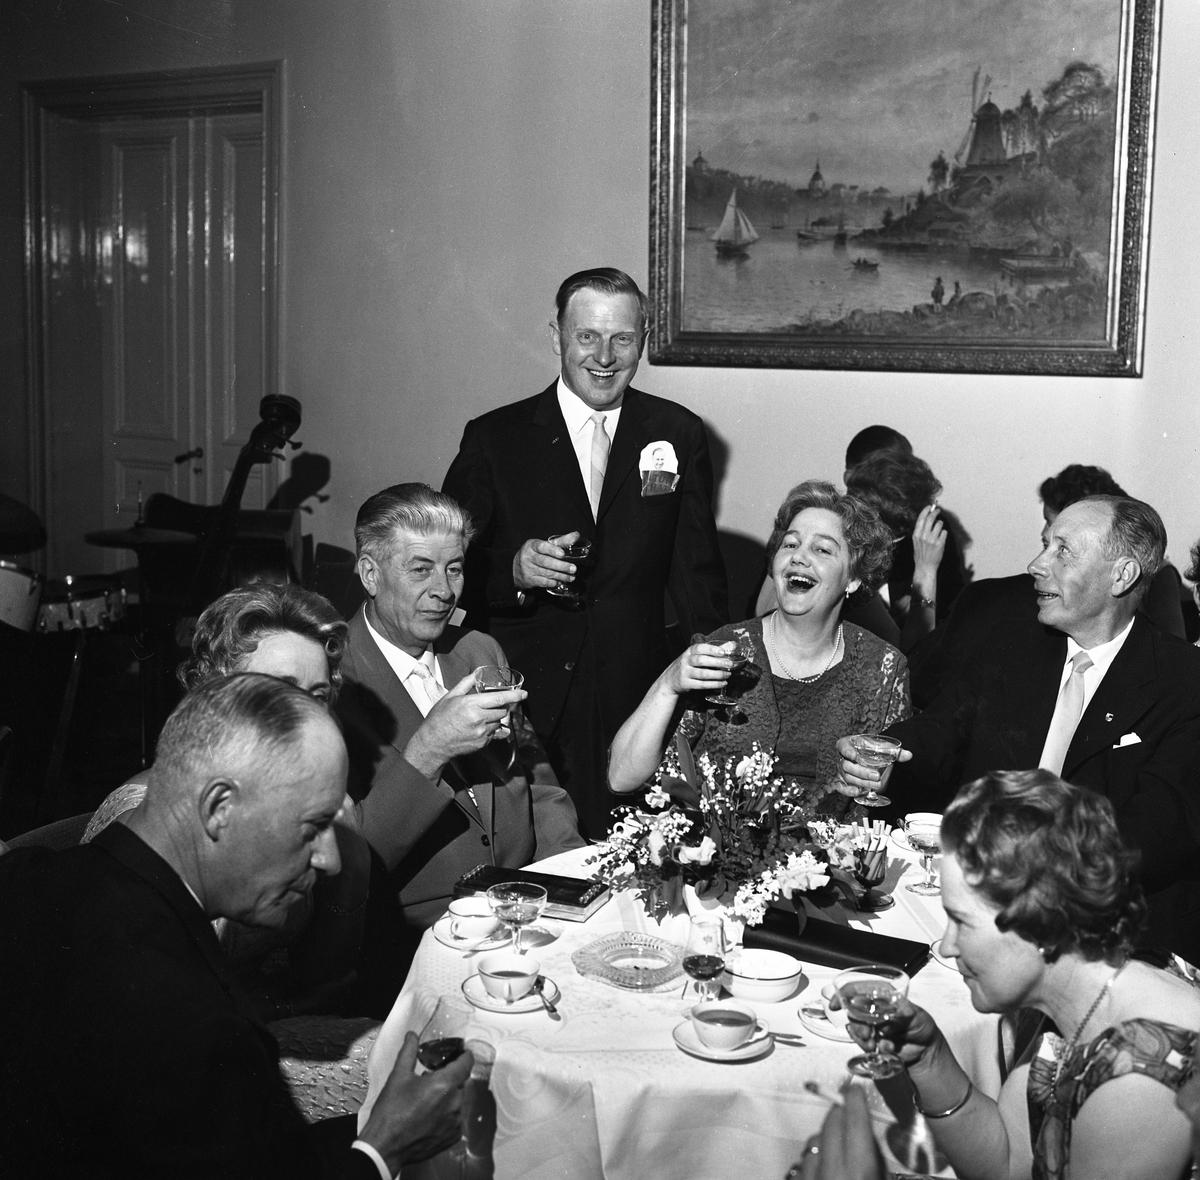 Erik Holm (kallad Glass-Holm) har 50-årskalas, han möter fotografens blick. Här sitter några glada vänner vid ett bord. De har glas i händerna. Kaffekopparna står på bordet. Kvinnan, i bildens nedre högra hörn, är Eriks hustru, Berta Holm. Bakom gästerna ses musikinstrument.